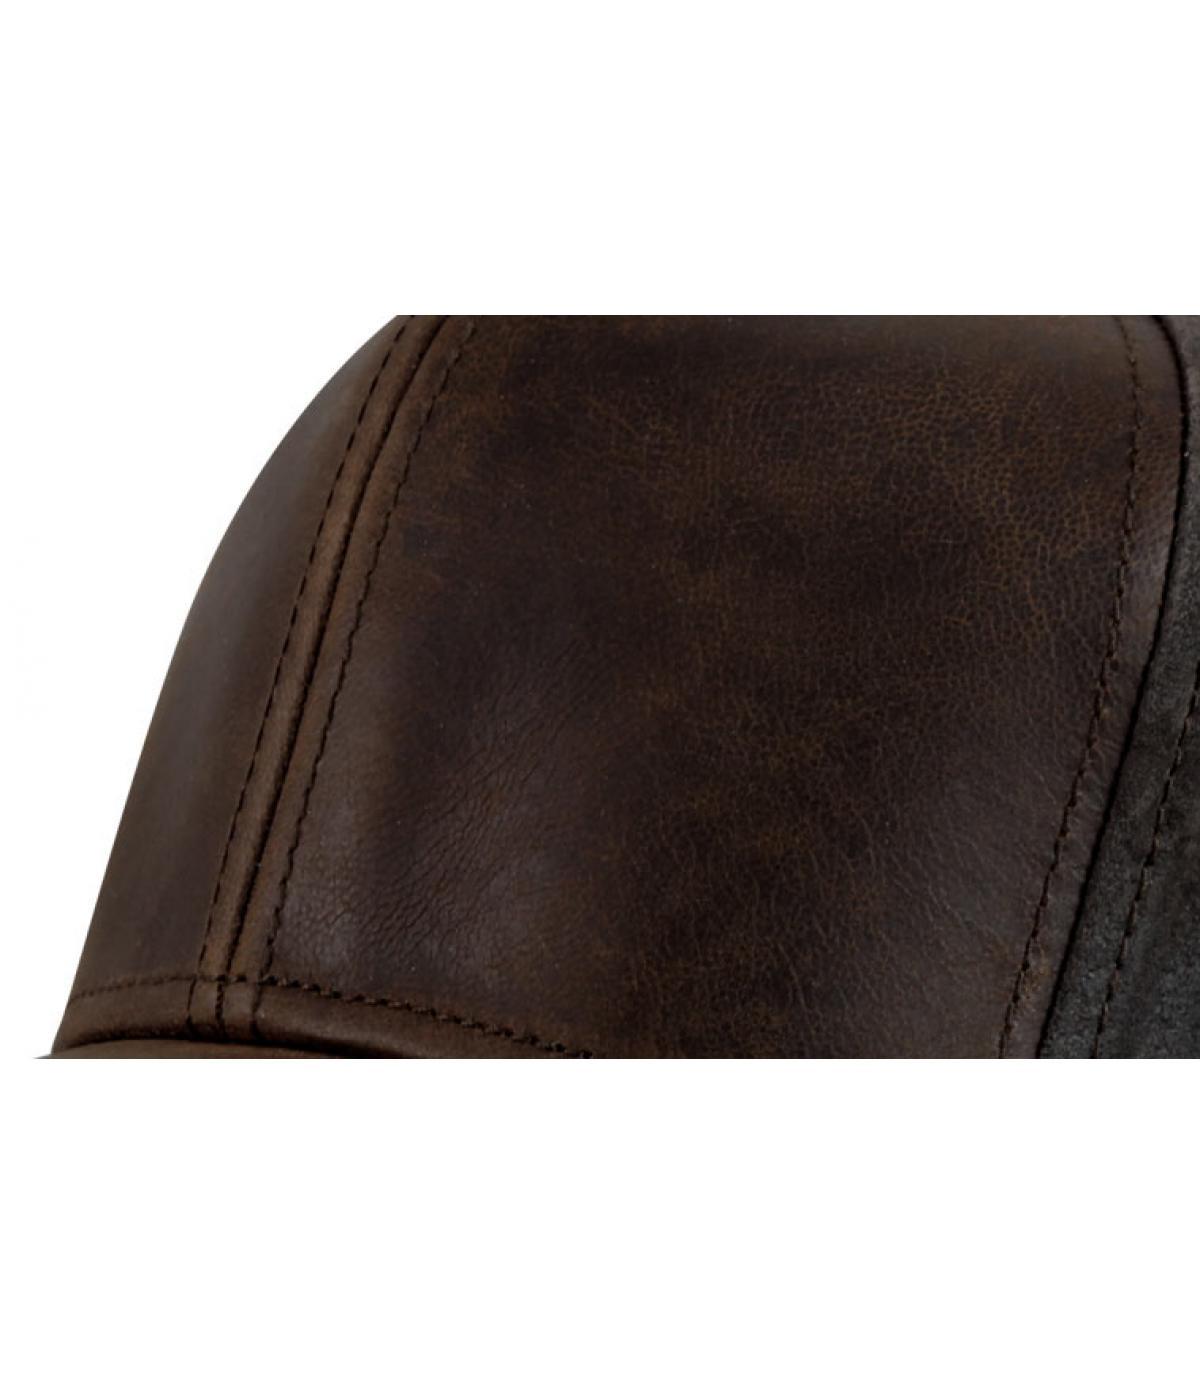 b5a08ae82b157 Casquette campbell cuir - Campbell cuir brown par Stetson.